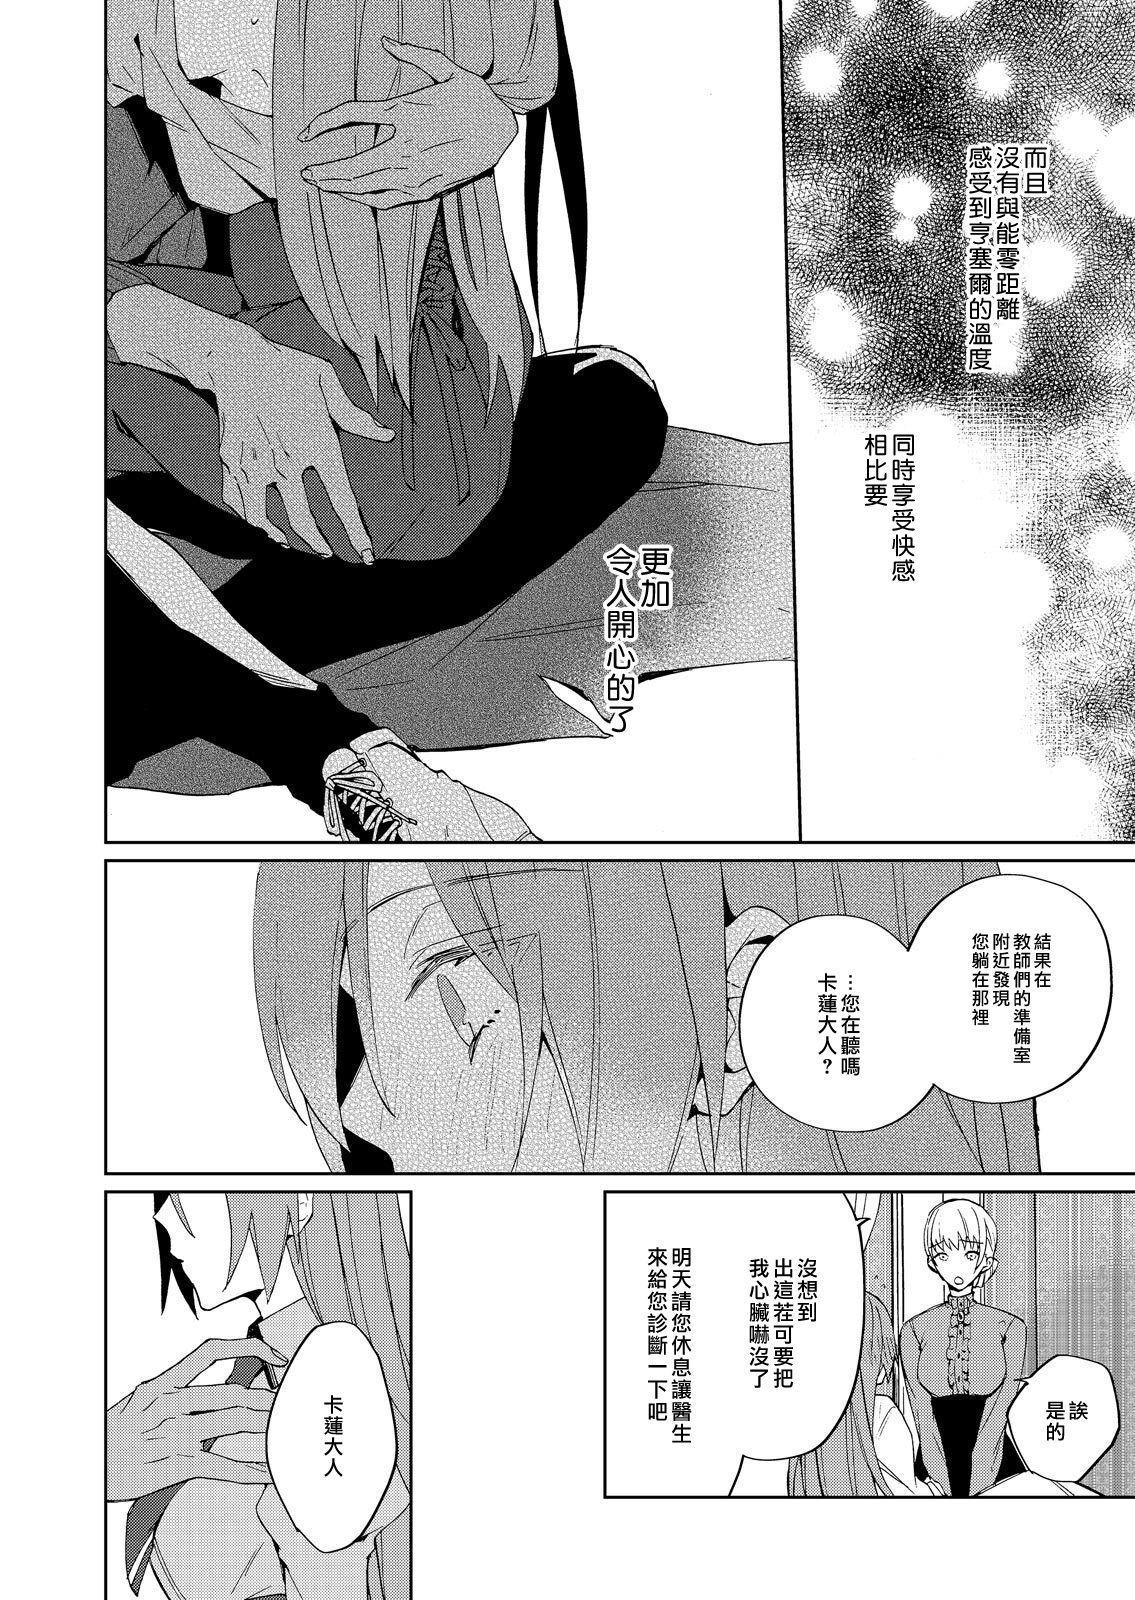 [Yuzushiwo] Akuyaku Reijou wa Ichizu ni Dekiai sarete ~Noumitsu Sex no Aite wa Juuboku~ | 被疯狂溺爱的反派大小姐~浓密性爱对象是仆从~ 1-5 [Chinese] [莉赛特汉化组] 61